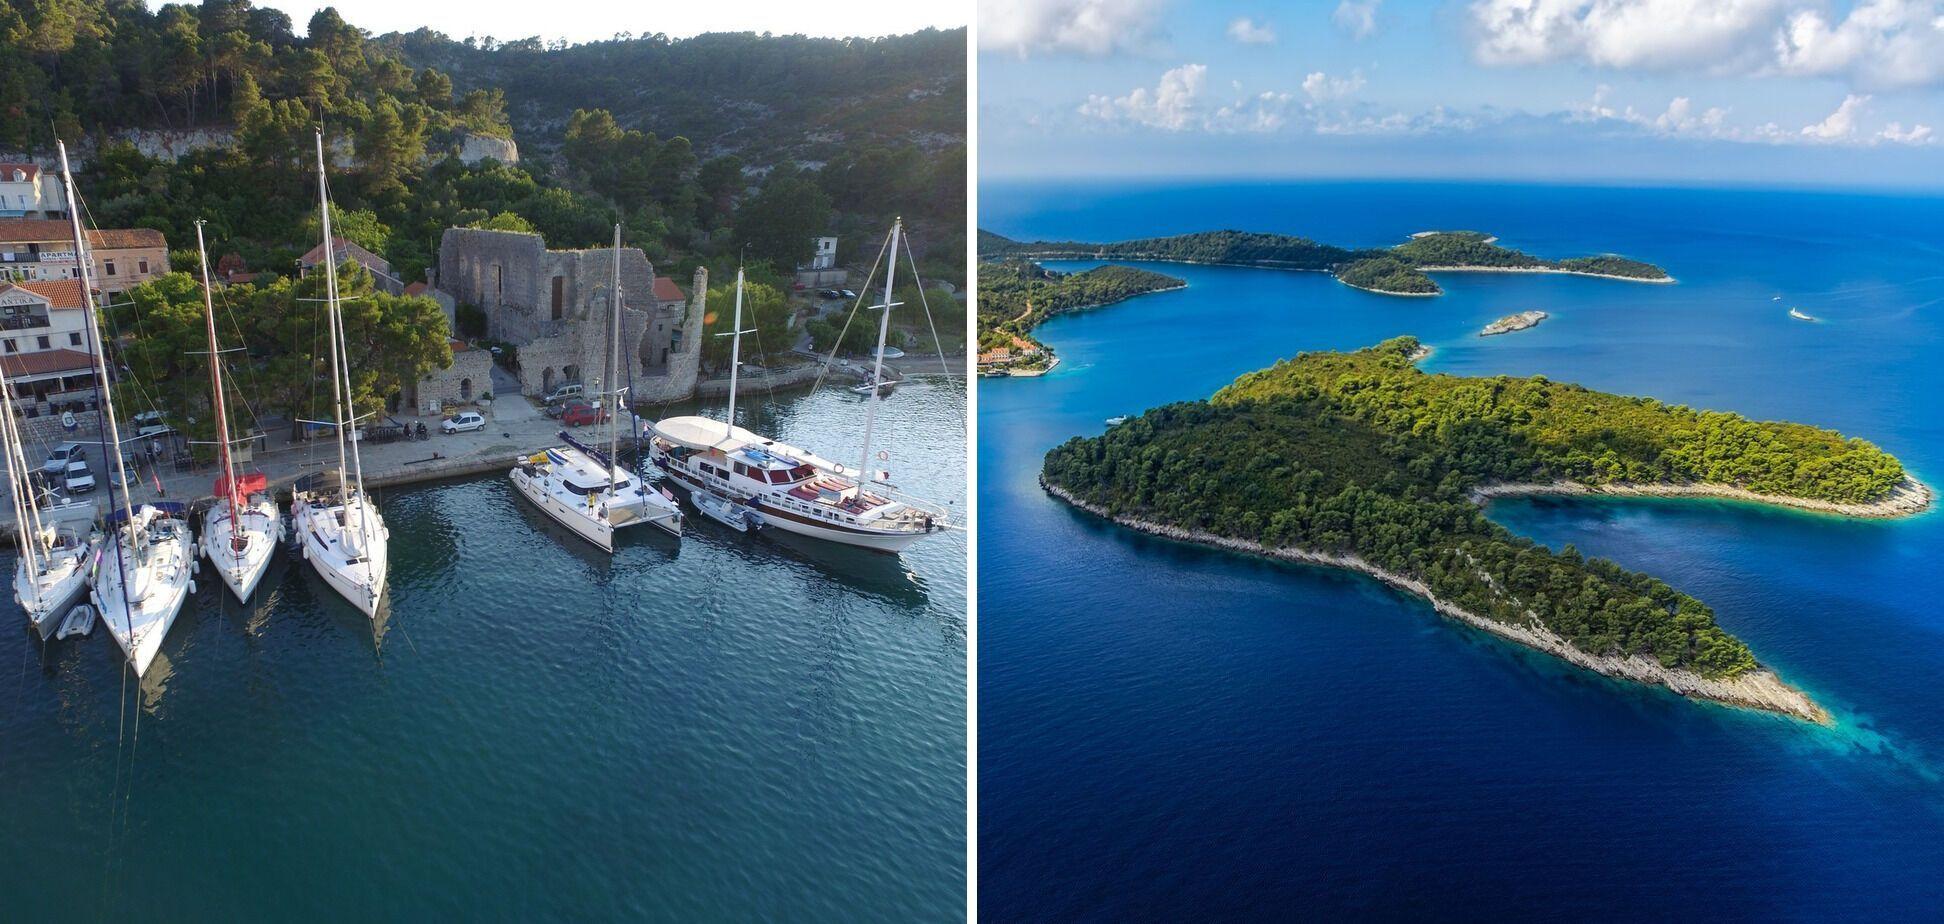 Млет. Один із найкрасивіших островів Хорватії, де побували цього разу Наташа та Леонід.